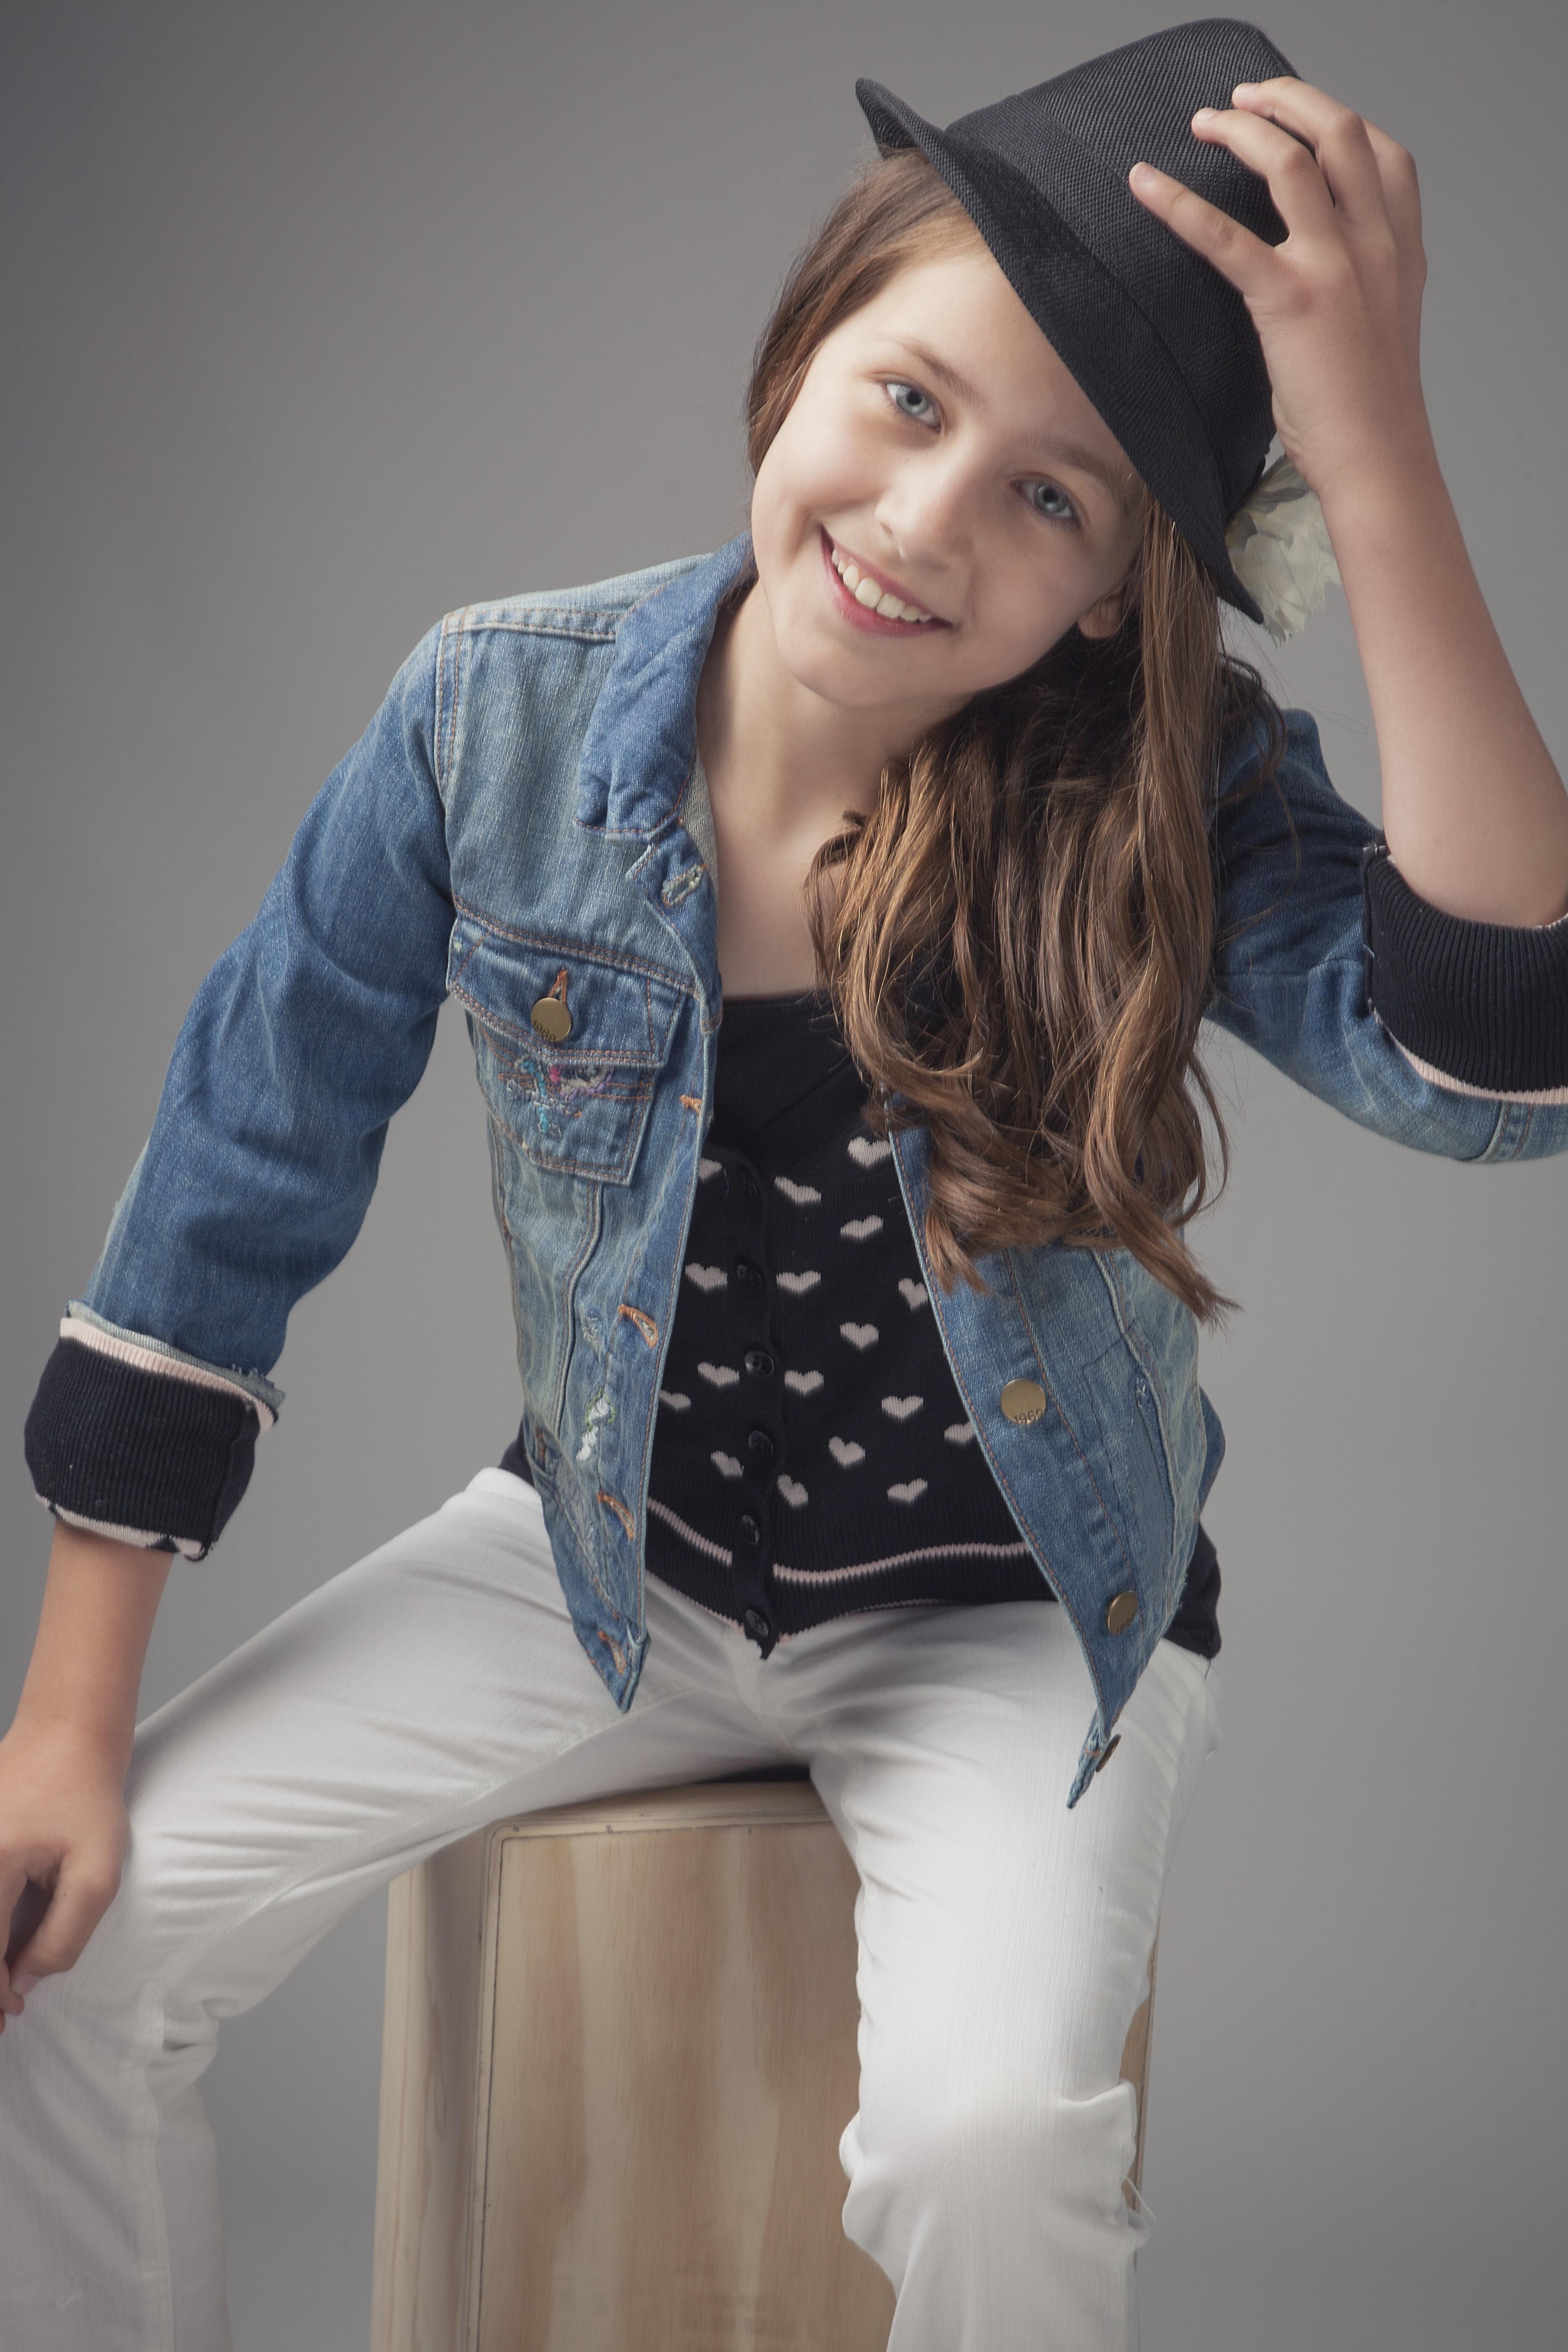 General photo of Emma Fuhrmann